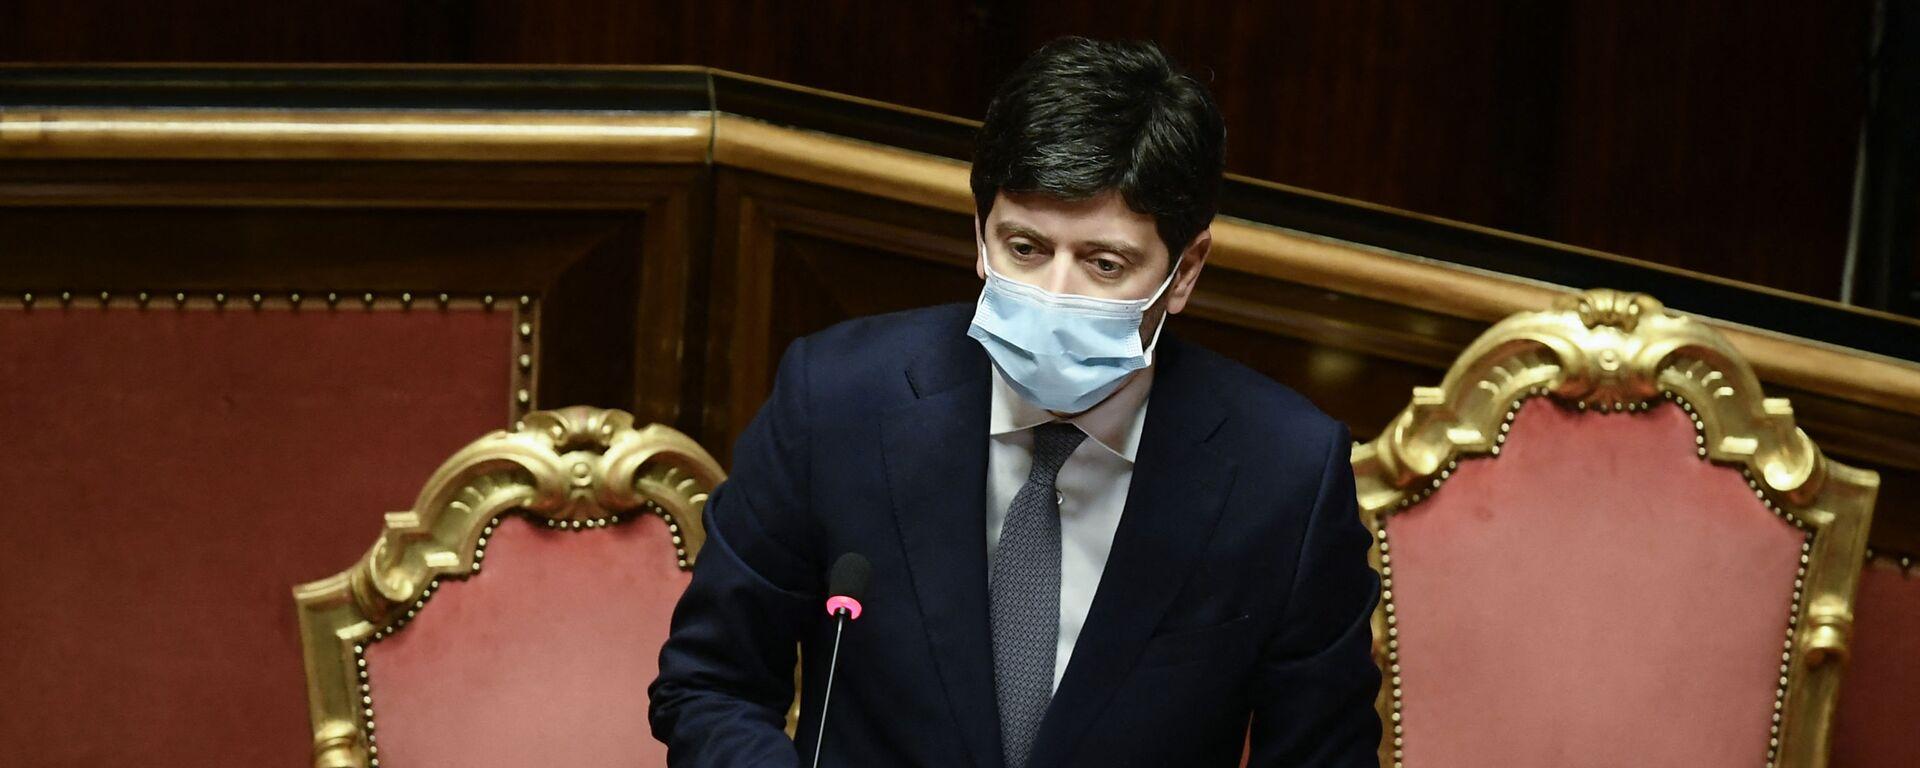 Roberto Speranza, ministro della Salute - Sputnik Italia, 1920, 20.04.2021